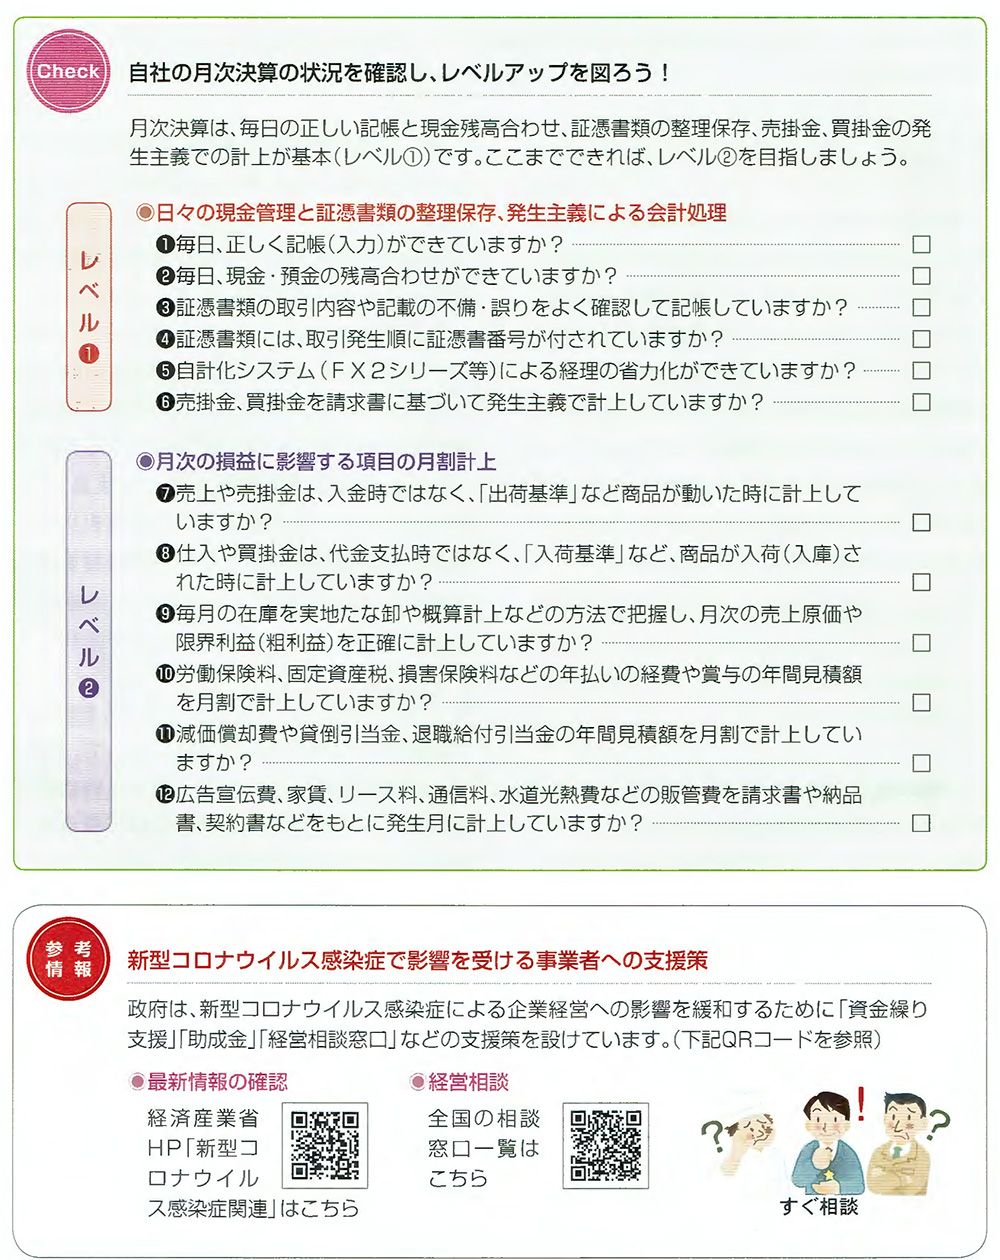 miyake202005-5.jpg